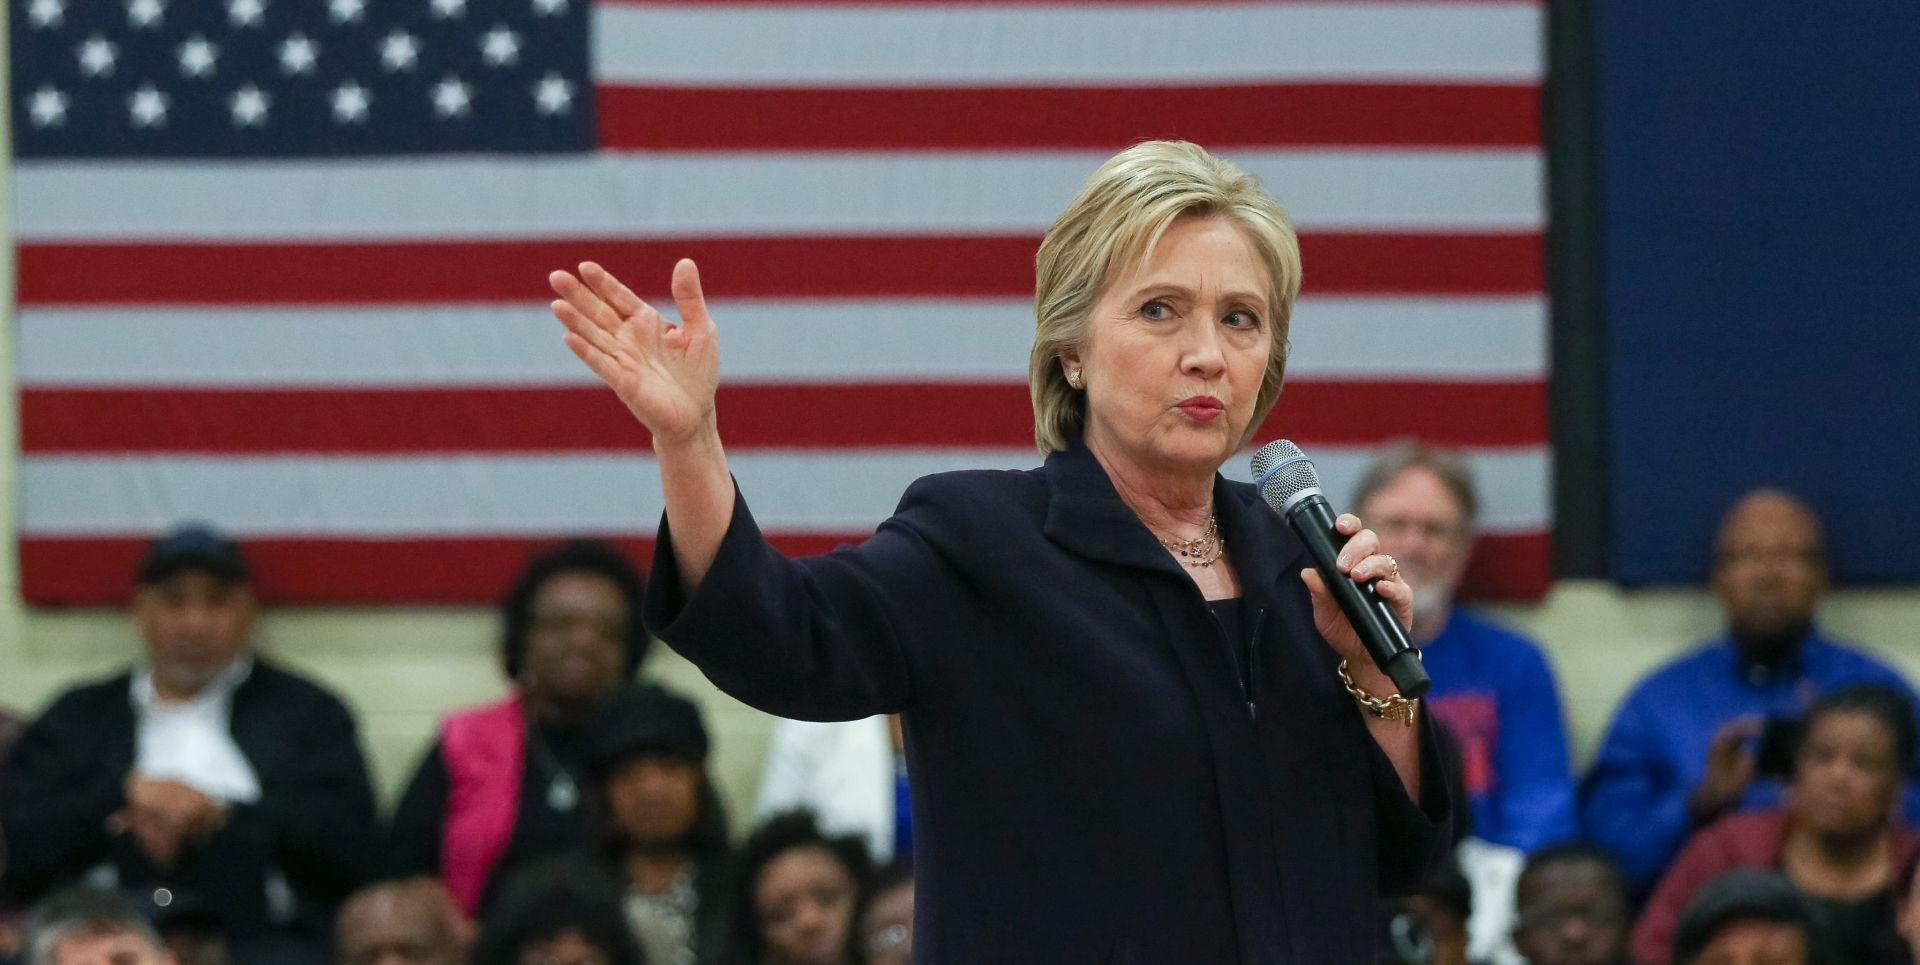 UNUTARSTRANAČKI IZBORI DEMOKRATA Clinton osvojila Južnu Karolinu